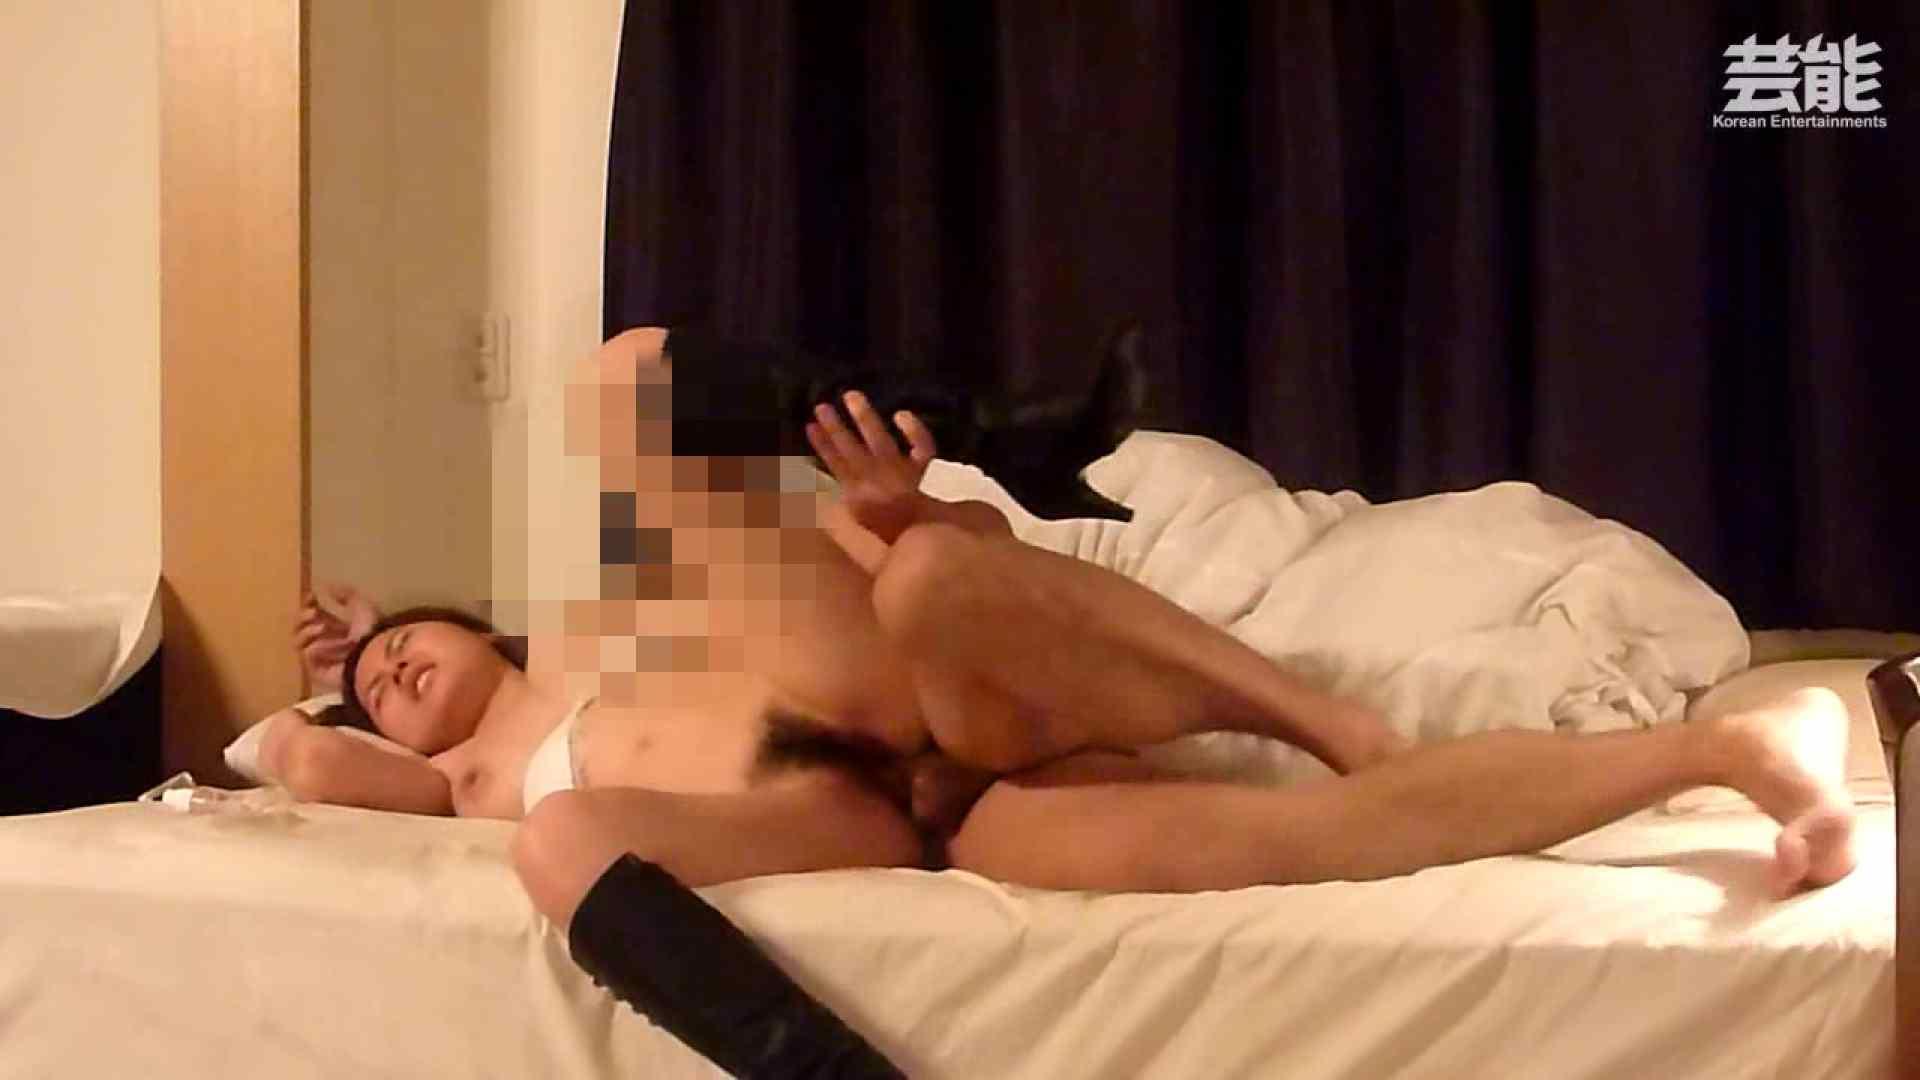 某芸能プロダクションの裏のお仕事5vol.4 OLのボディ セックス画像 60PIX 54